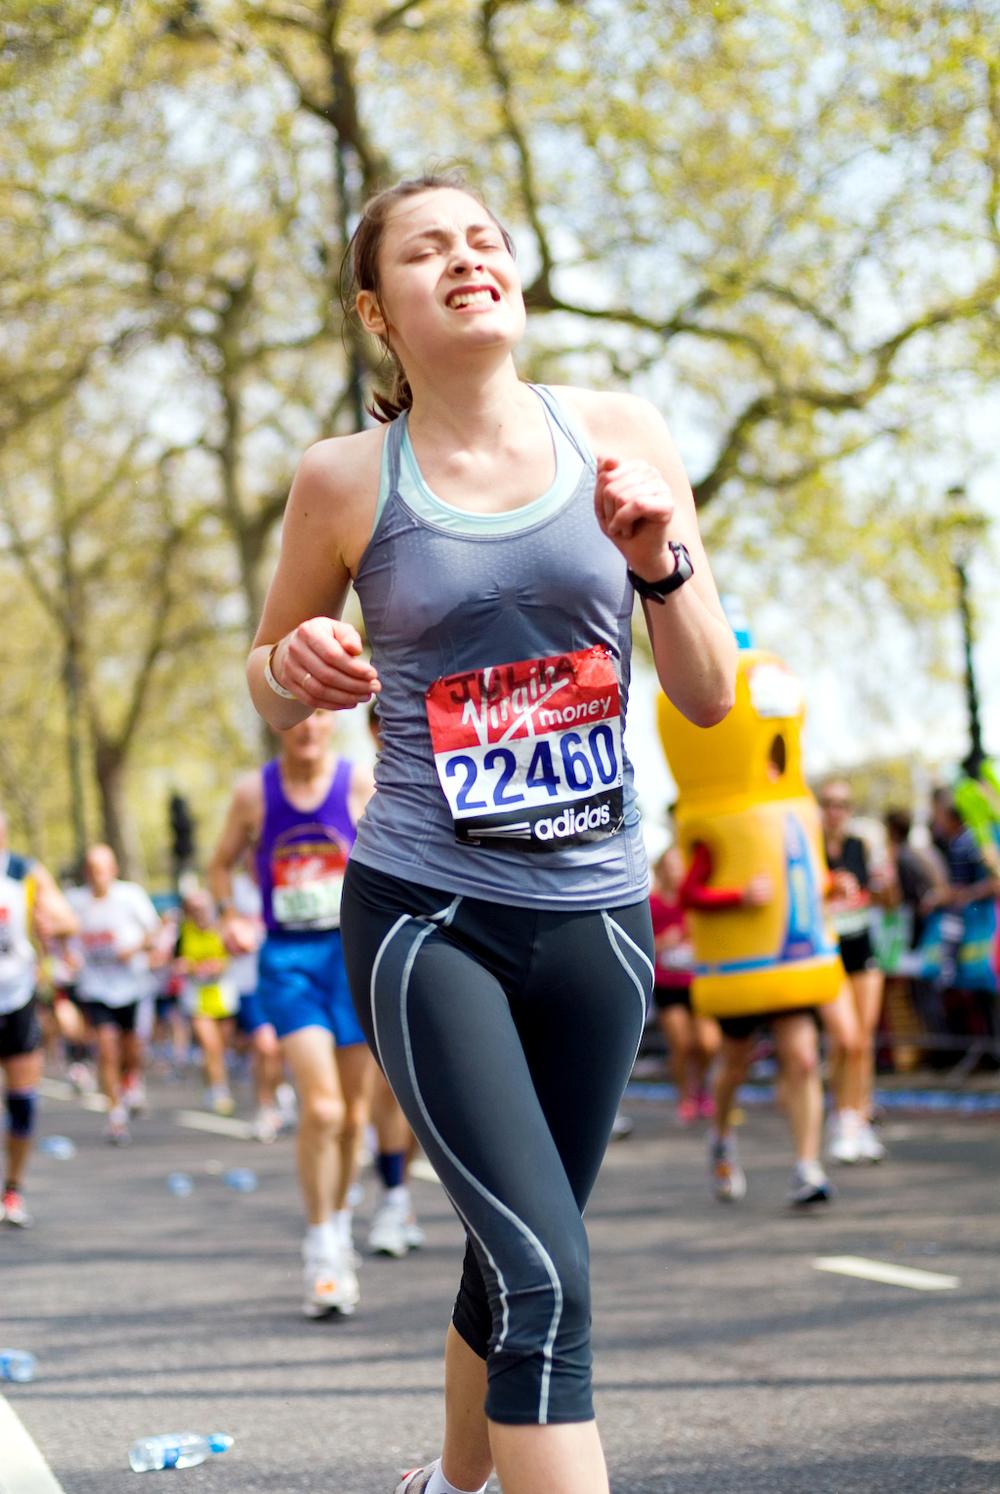 London Marathon 2011 - Mile 24.75